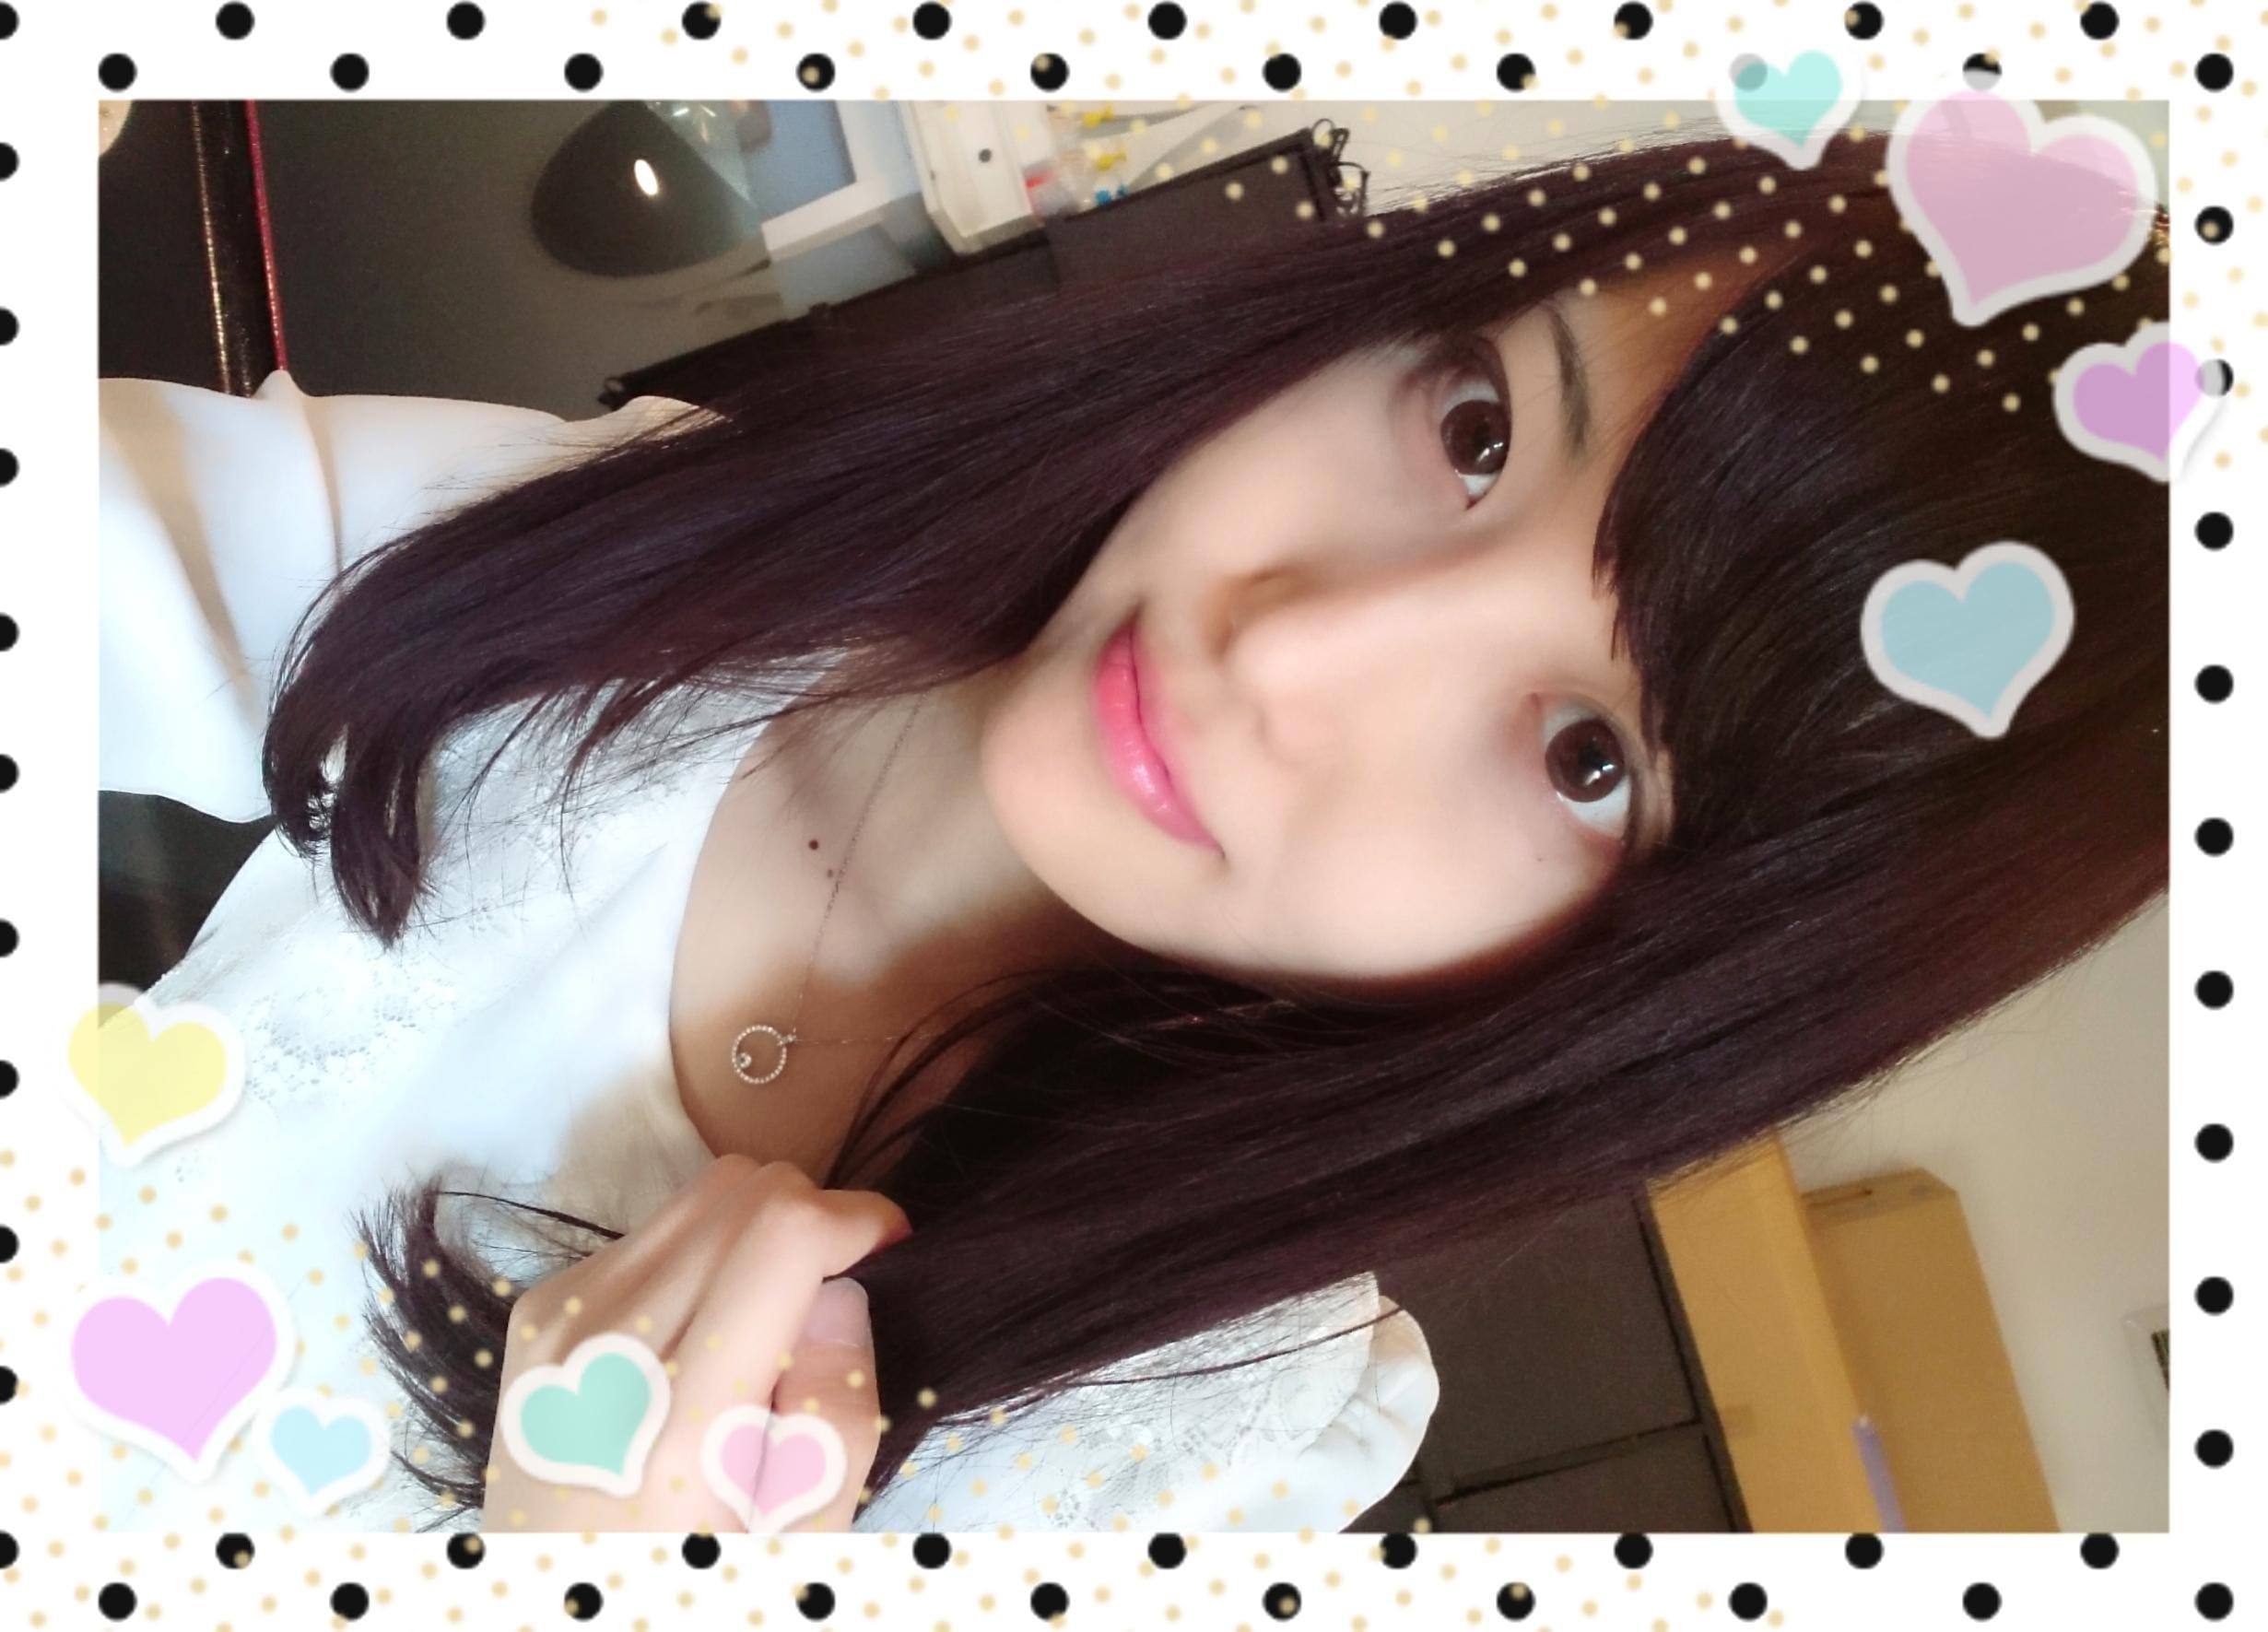 「名古屋→東京?」11/11(日) 12:31 | 梨里花(リリカ)の写メ・風俗動画